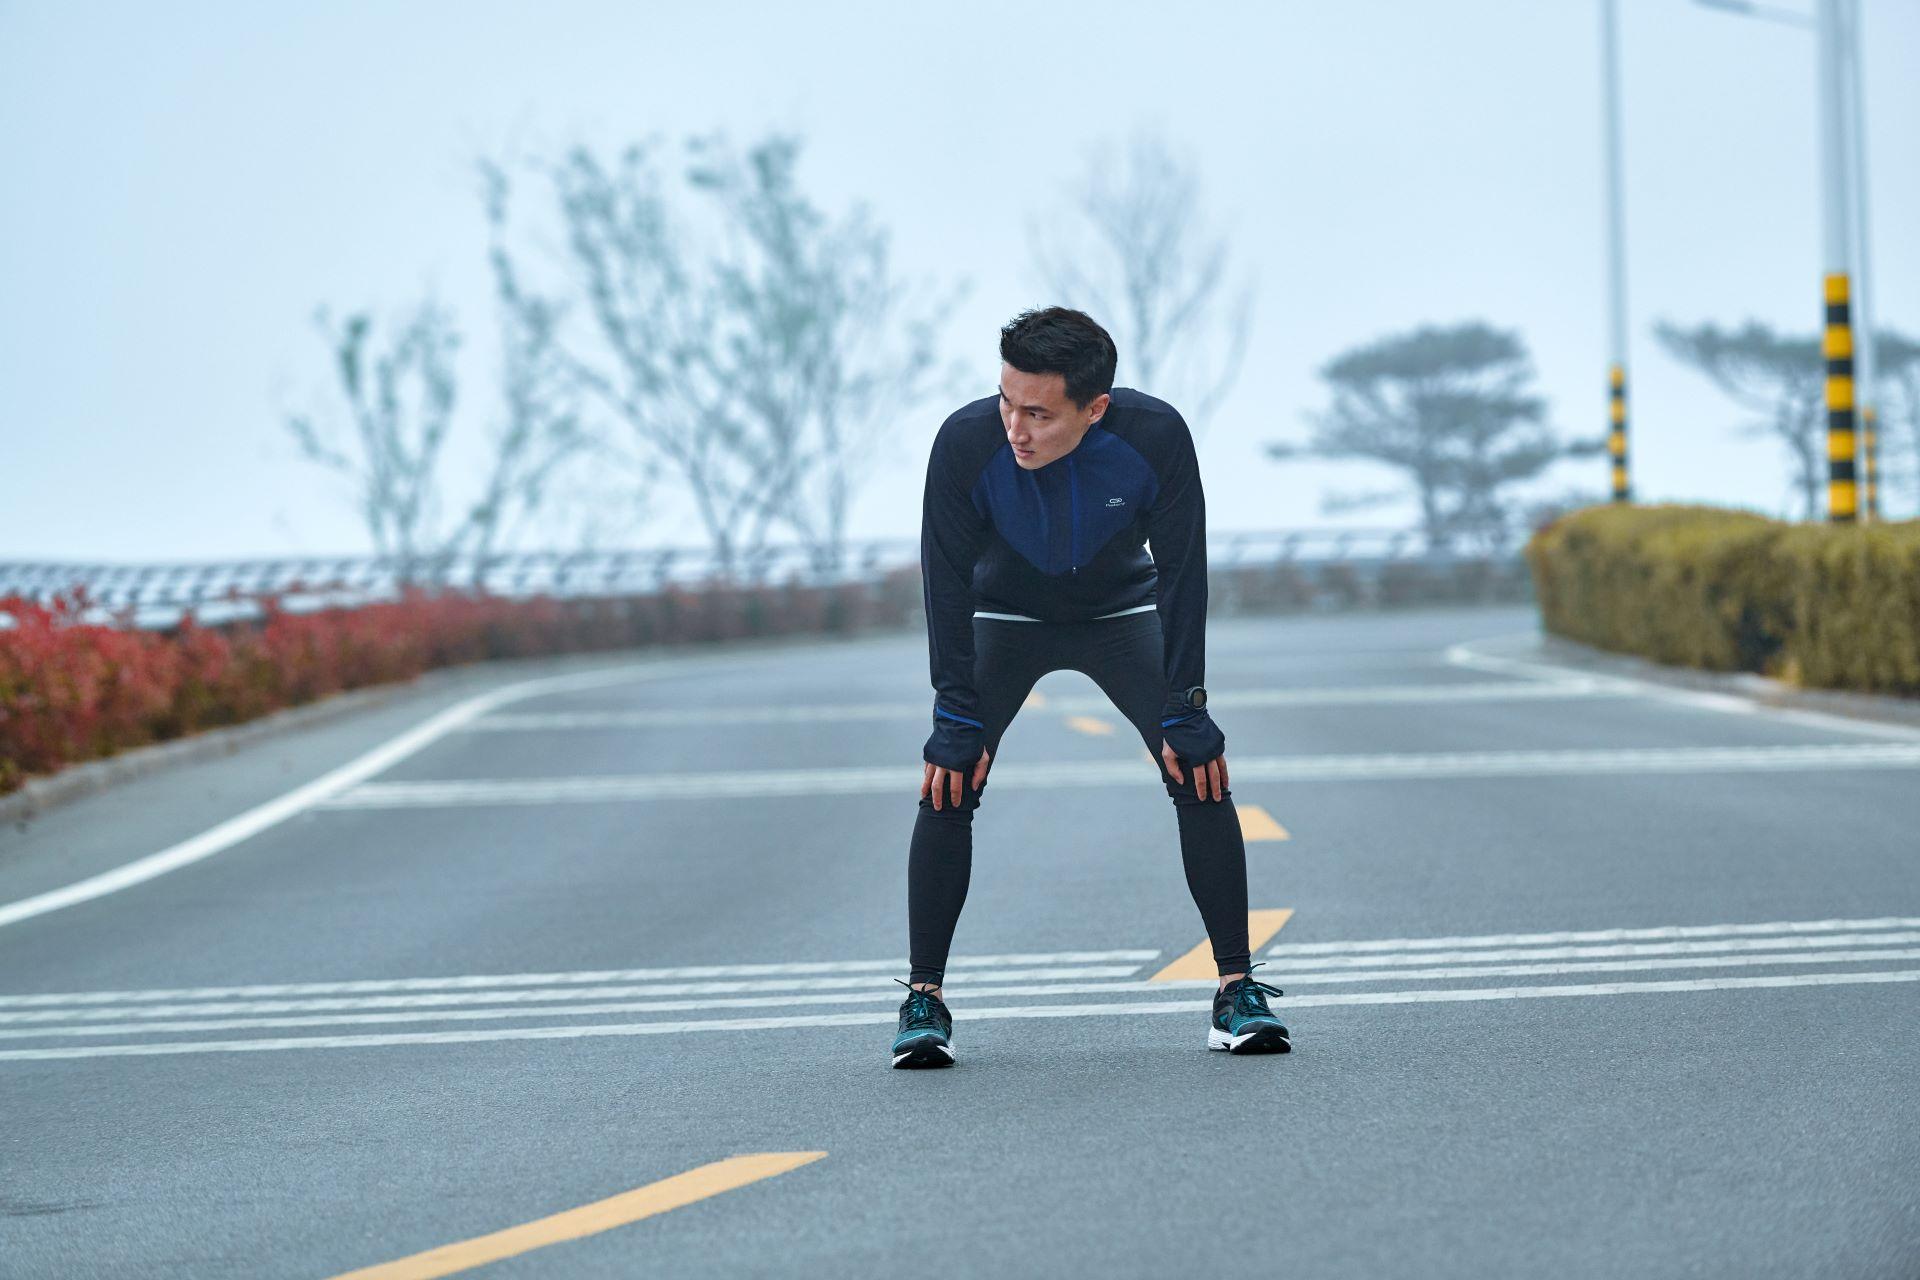 Tips For Starting A Running Program